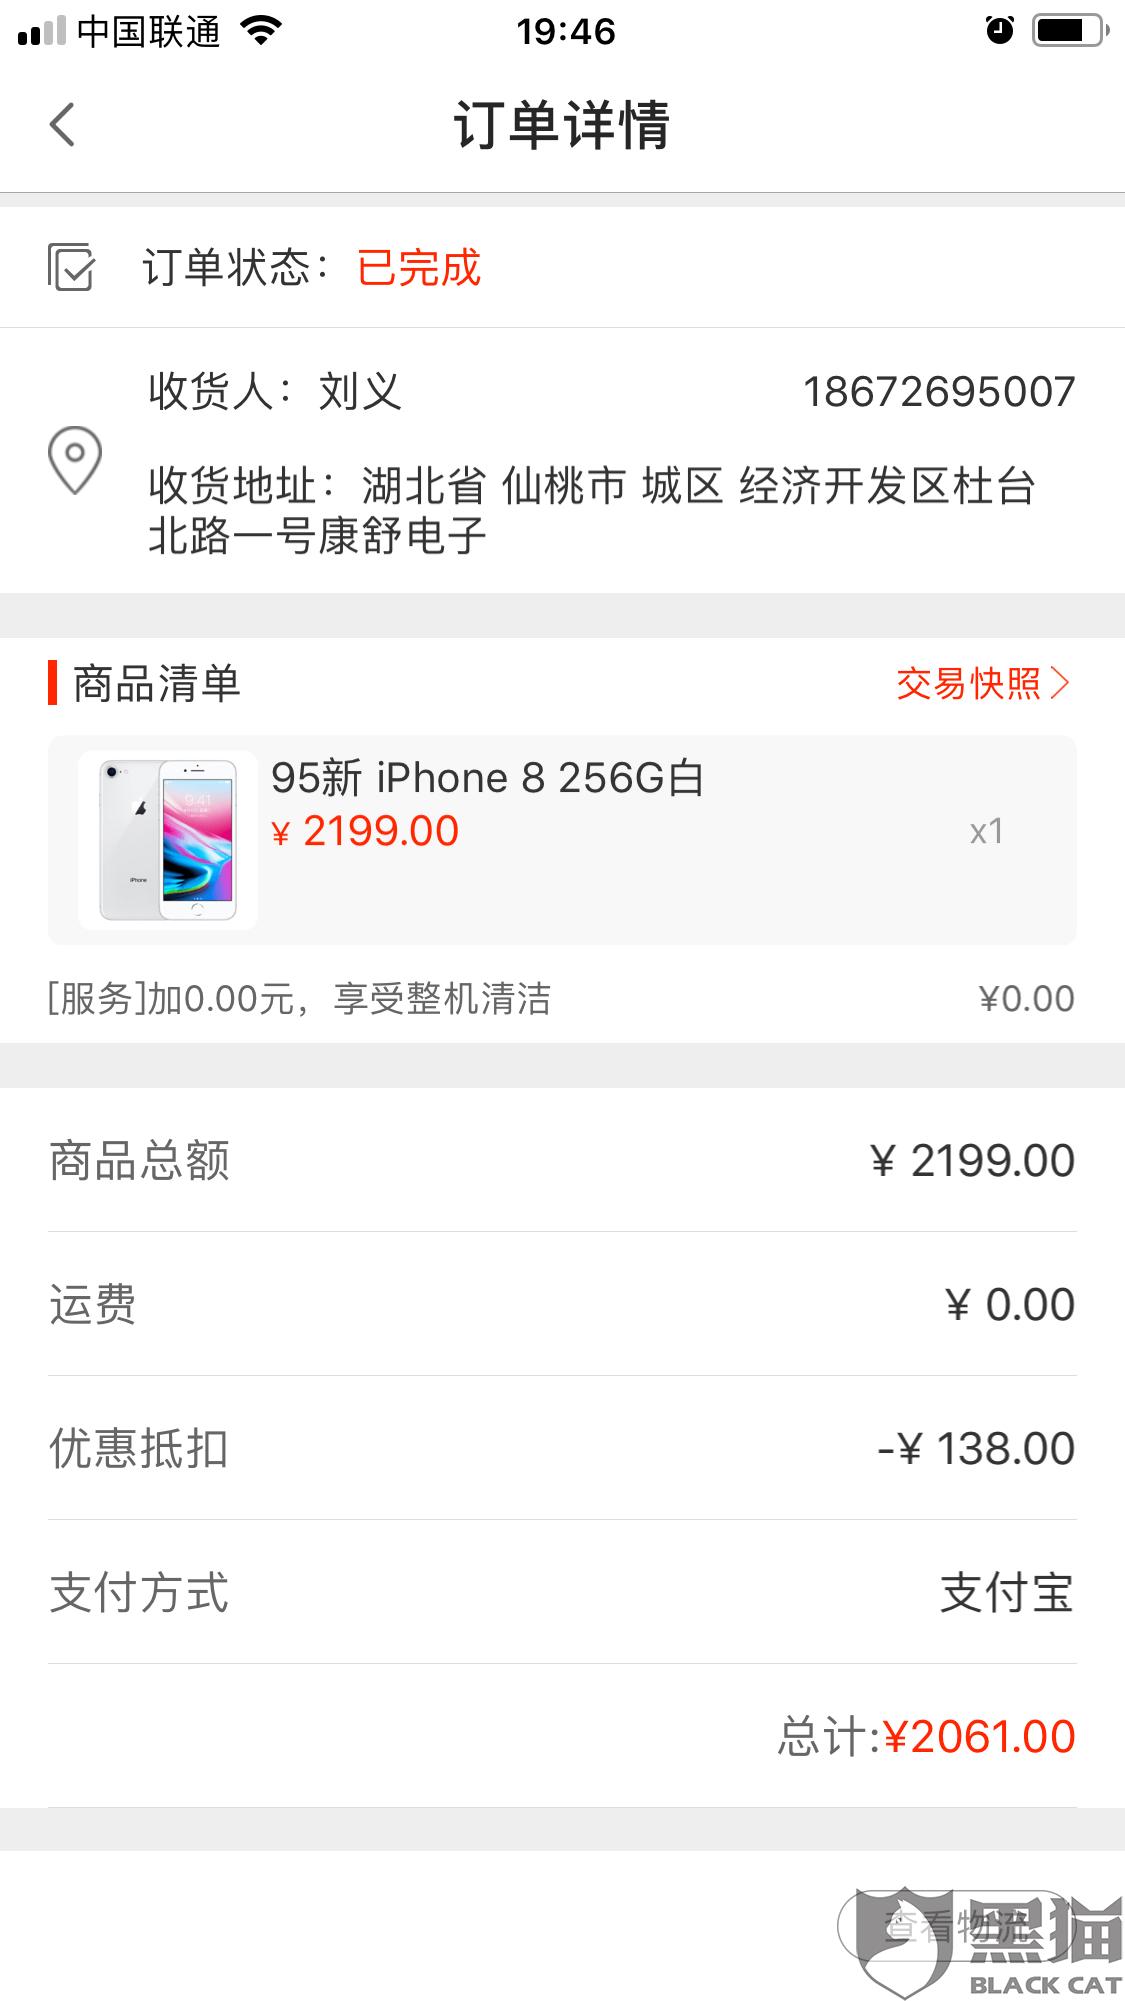 黑猫投诉:找靓机买的iphone是高仿屏,申请售后维修后还是仿的